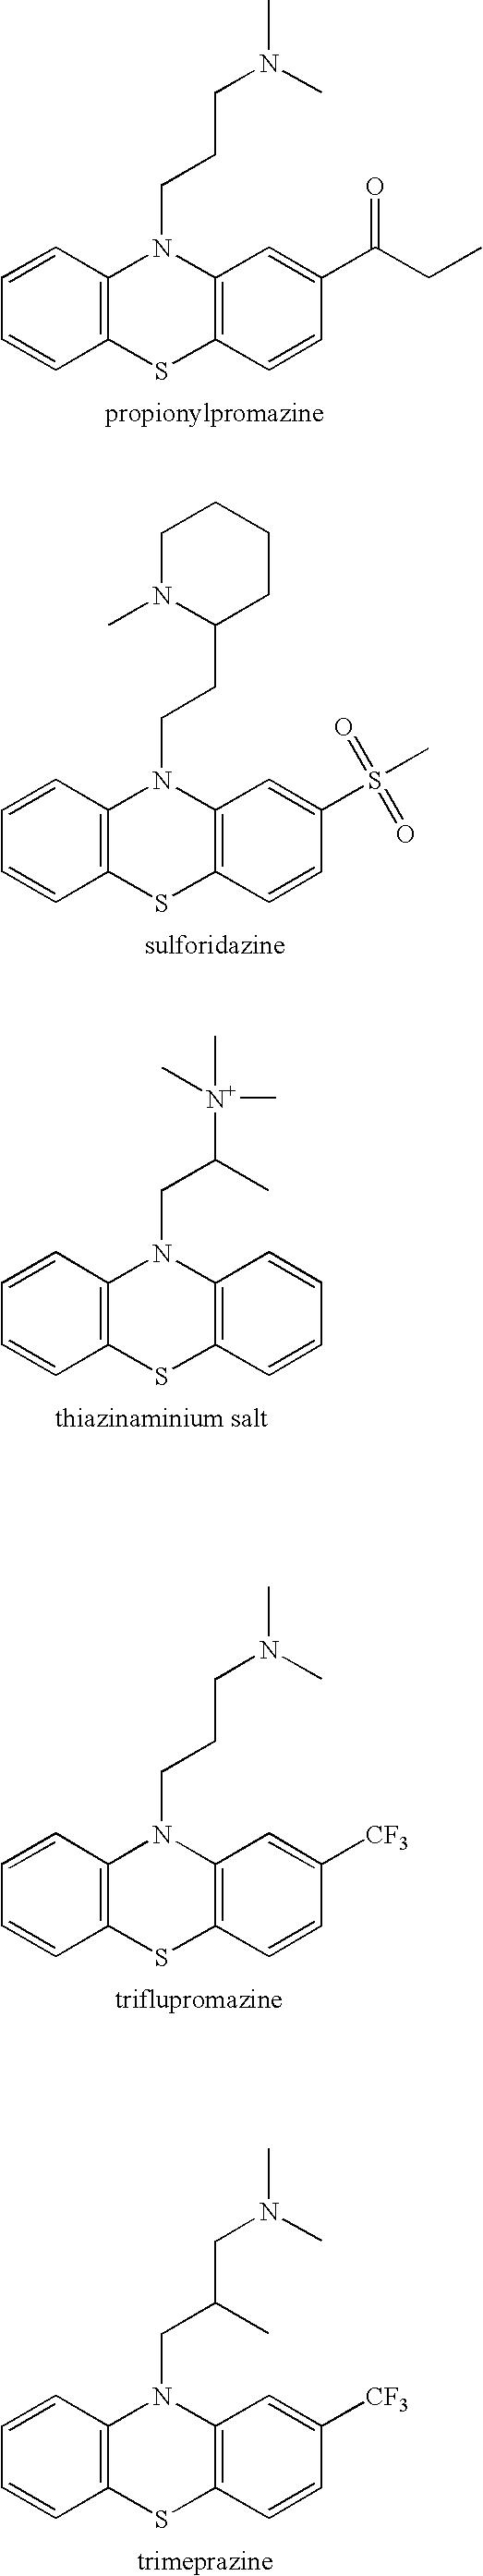 Figure US20070299043A1-20071227-C00265